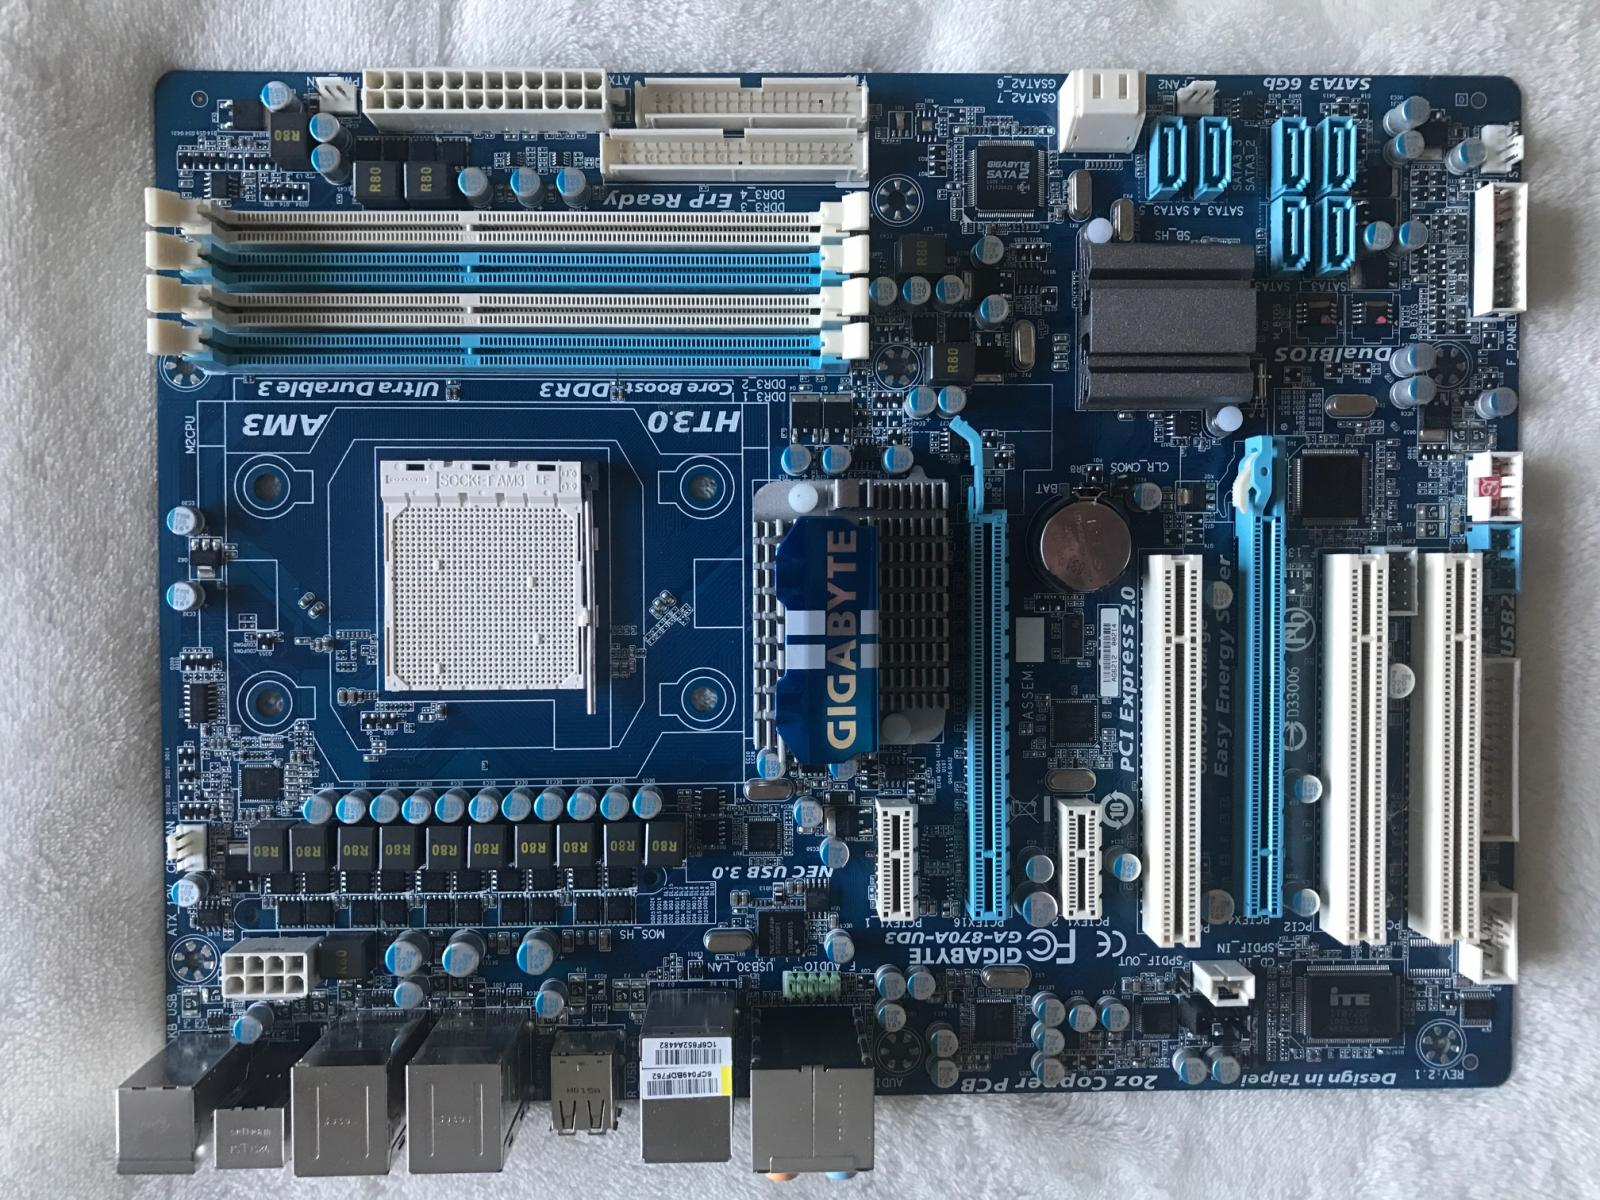 Photo of GIGABYTE GA-870A-UD3 AM3 AMD 870 SATA 6Gb/s USB 3.0 ATX AMD Motherboard